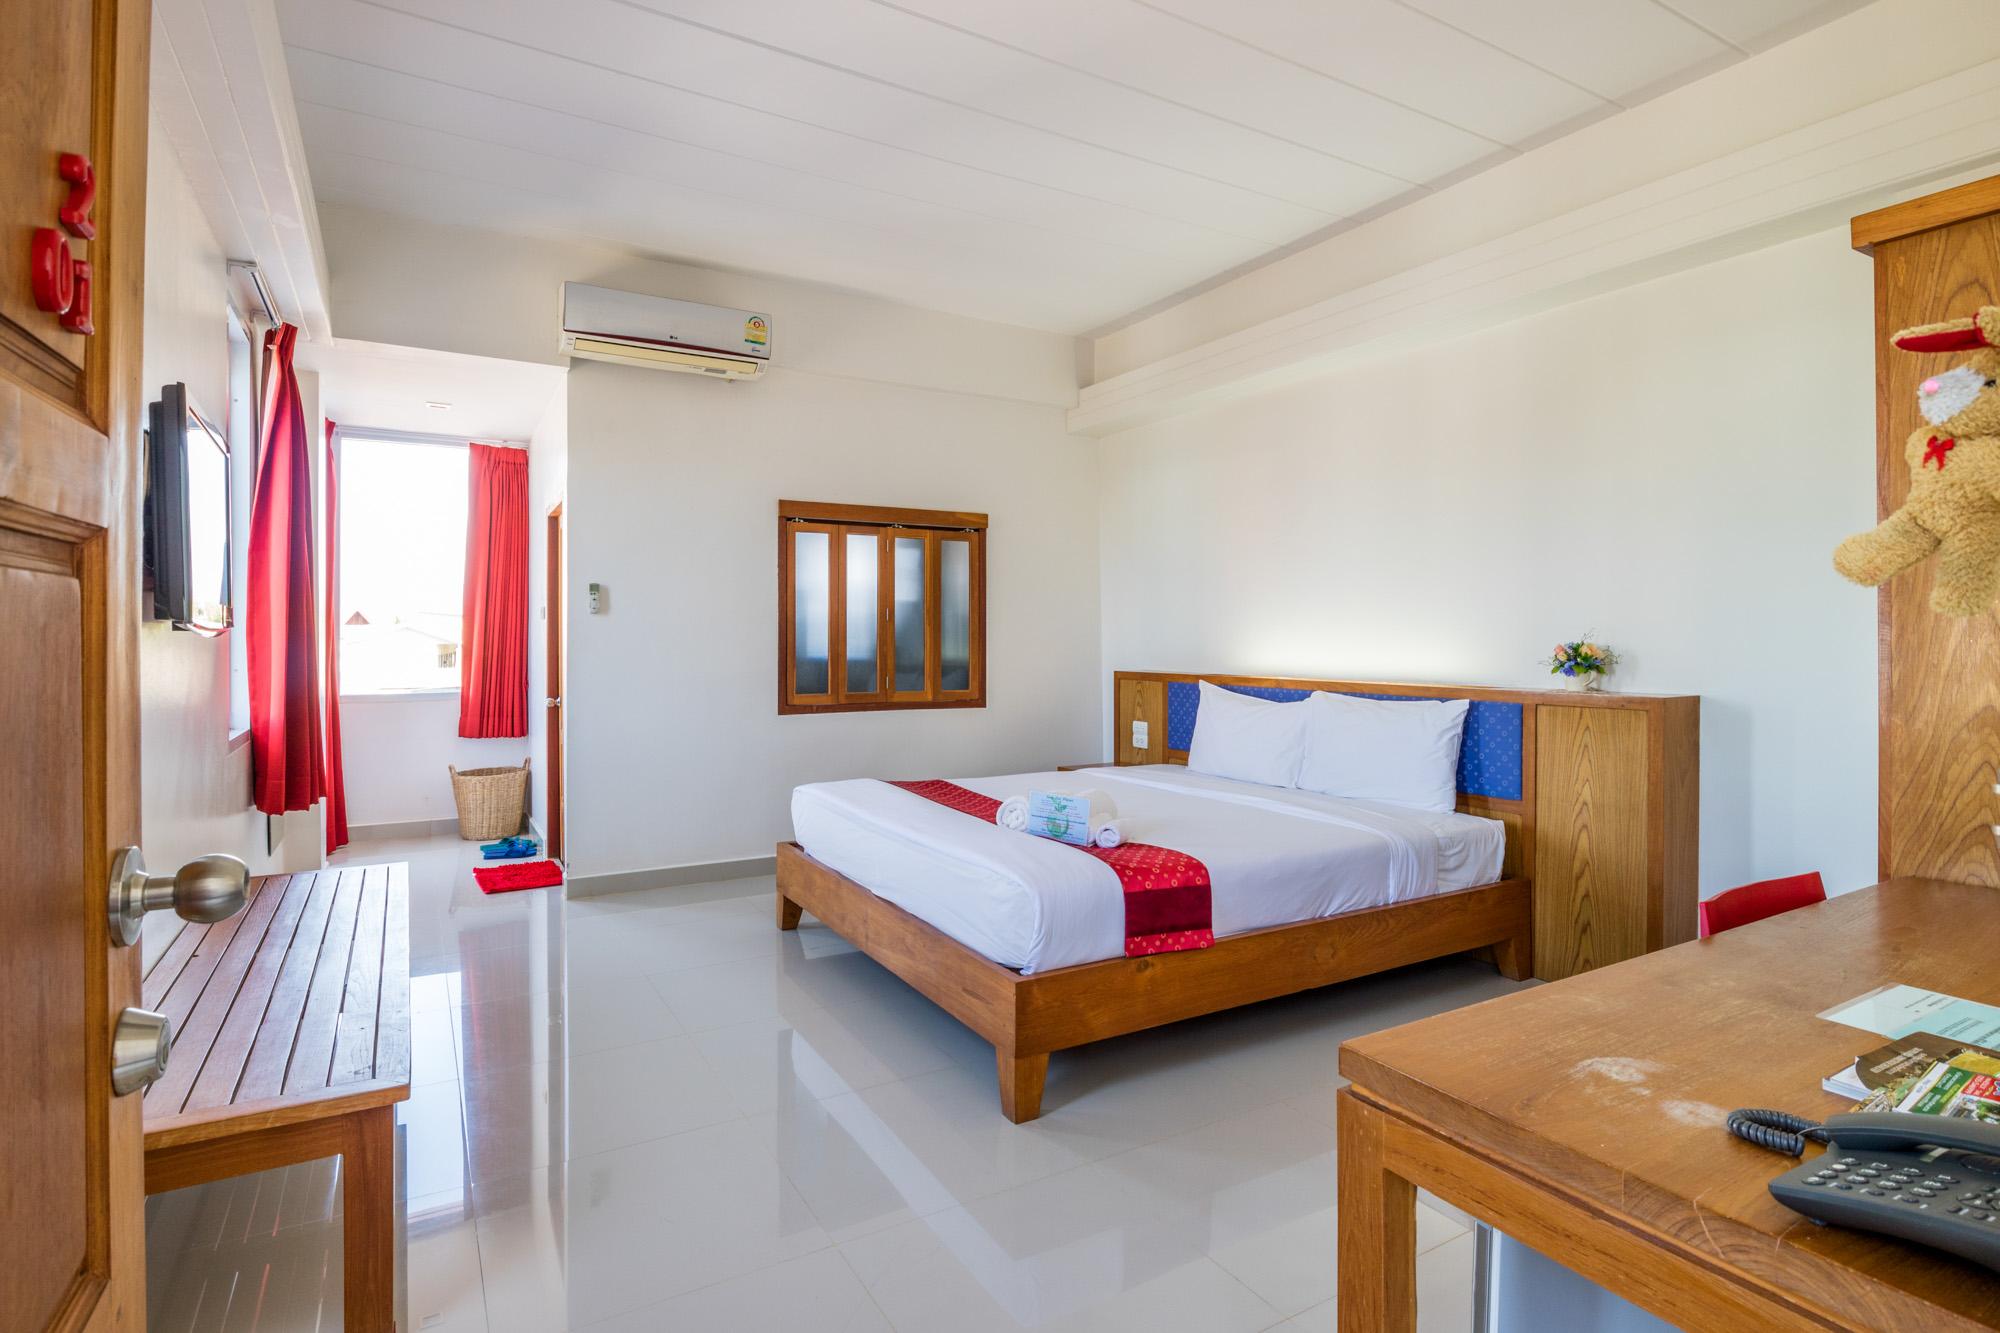 J2 Hotel แม่สอด  J2 HOTEL MAESOT สวยงาม โดดเด่นมีเอกลักษณ์ IMG 3650